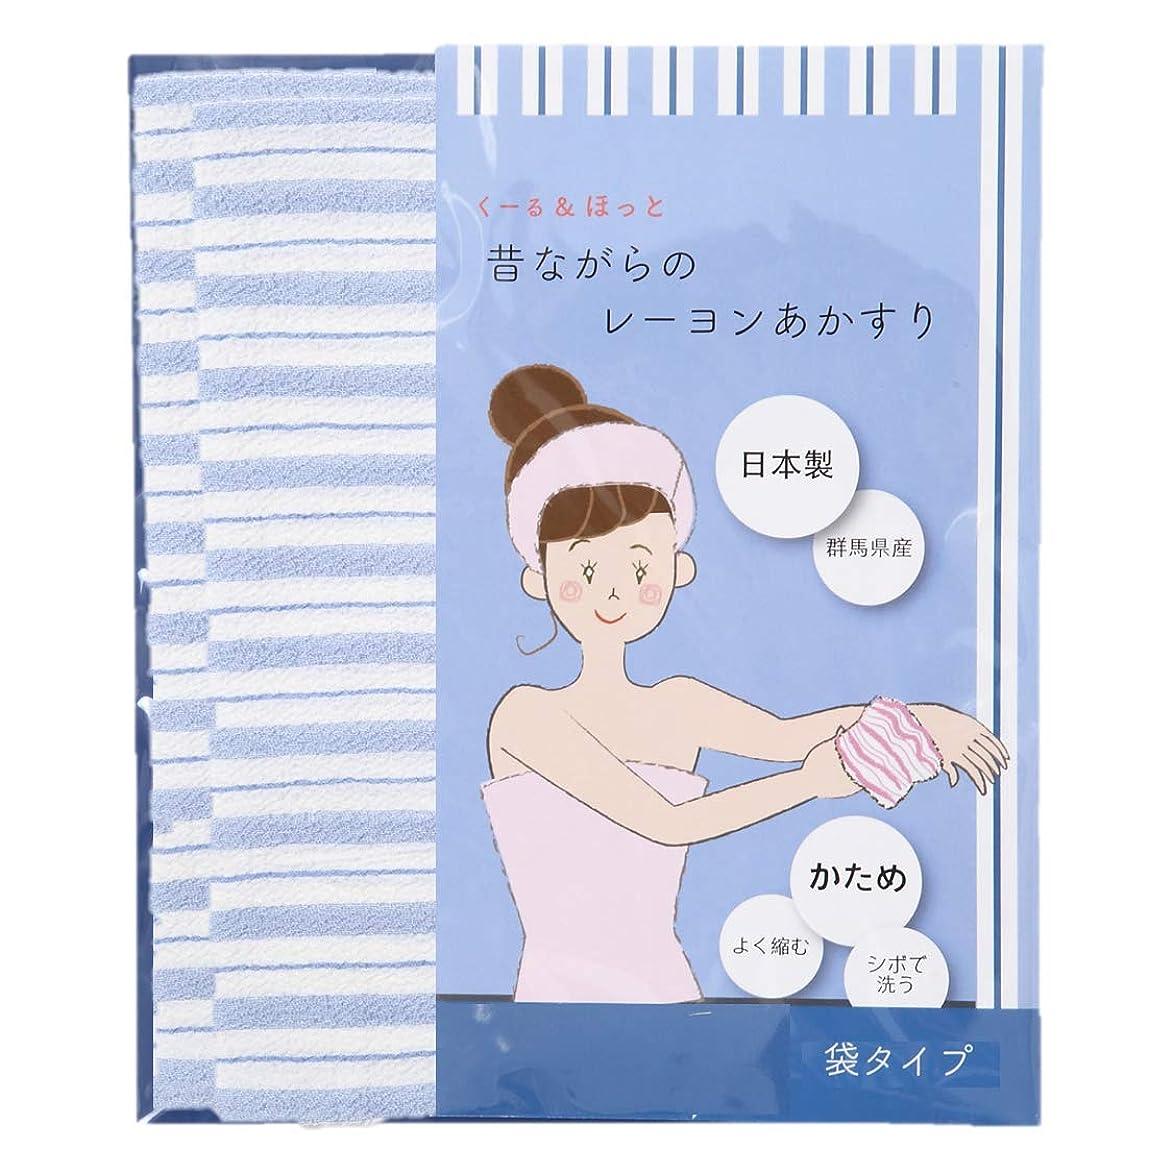 法令おっと毒液くーる&ほっと 昔ながらのレーヨンあかすり 日本製(群馬県で製造) 袋タイプ (大判3枚組(ブルー))